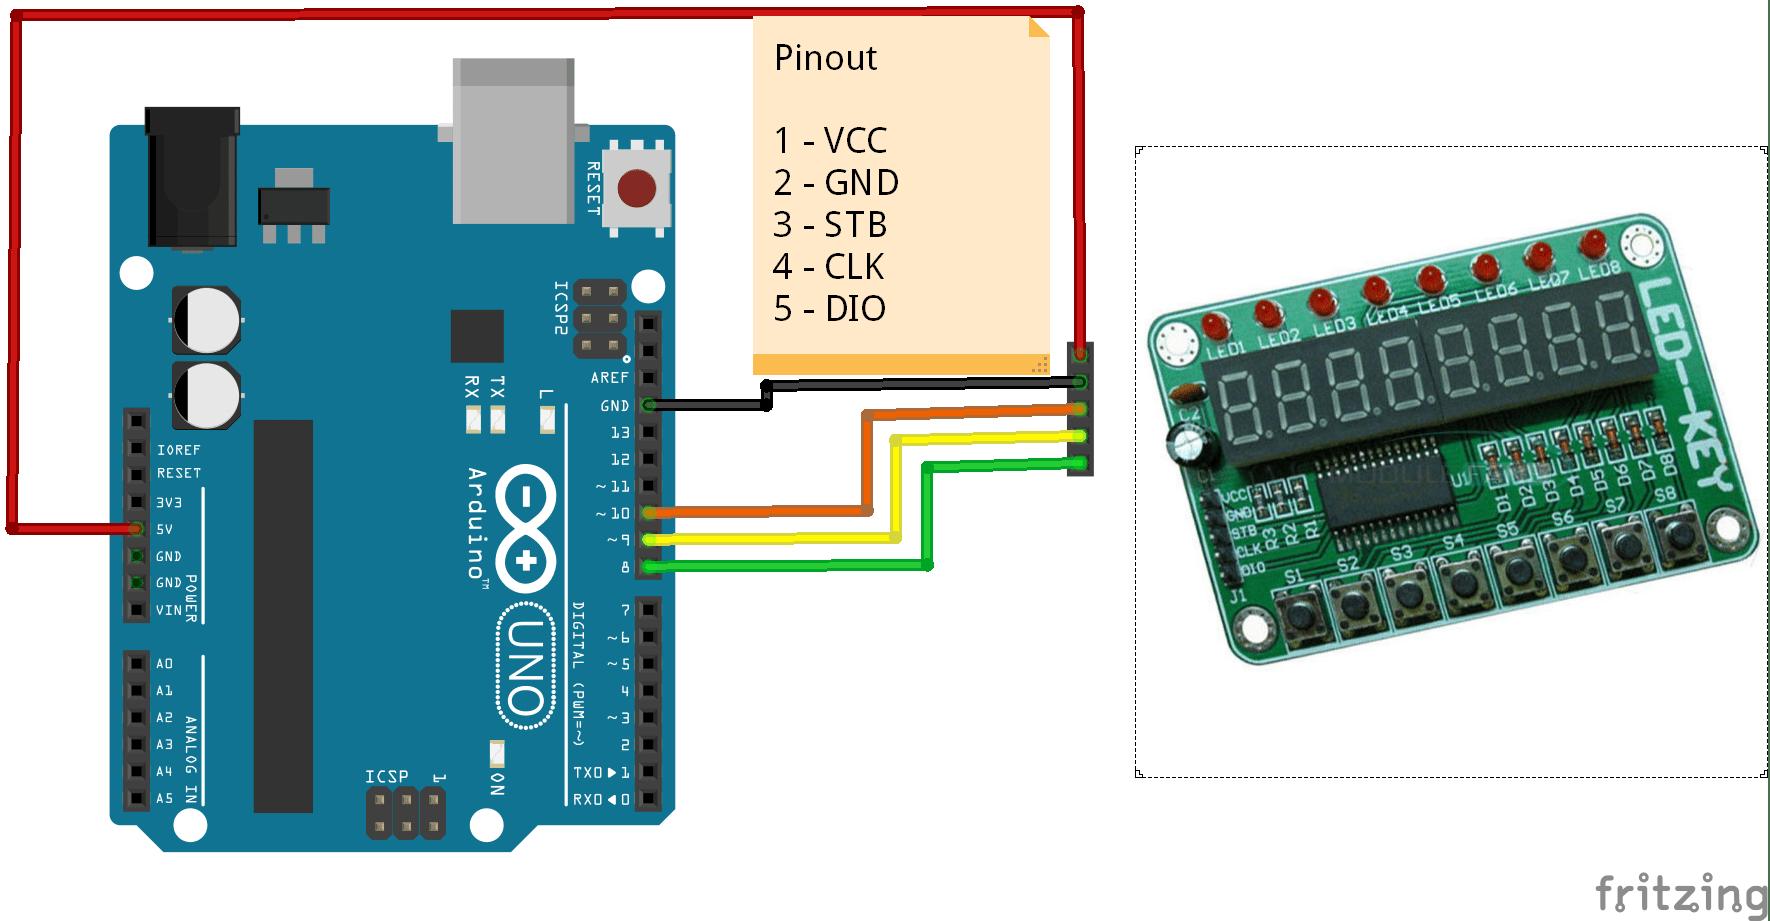 pin 7 arduino 2002 mitsubishi eclipse radio wiring diagram 8 karakter segment seri display tm1638 kablo dahil